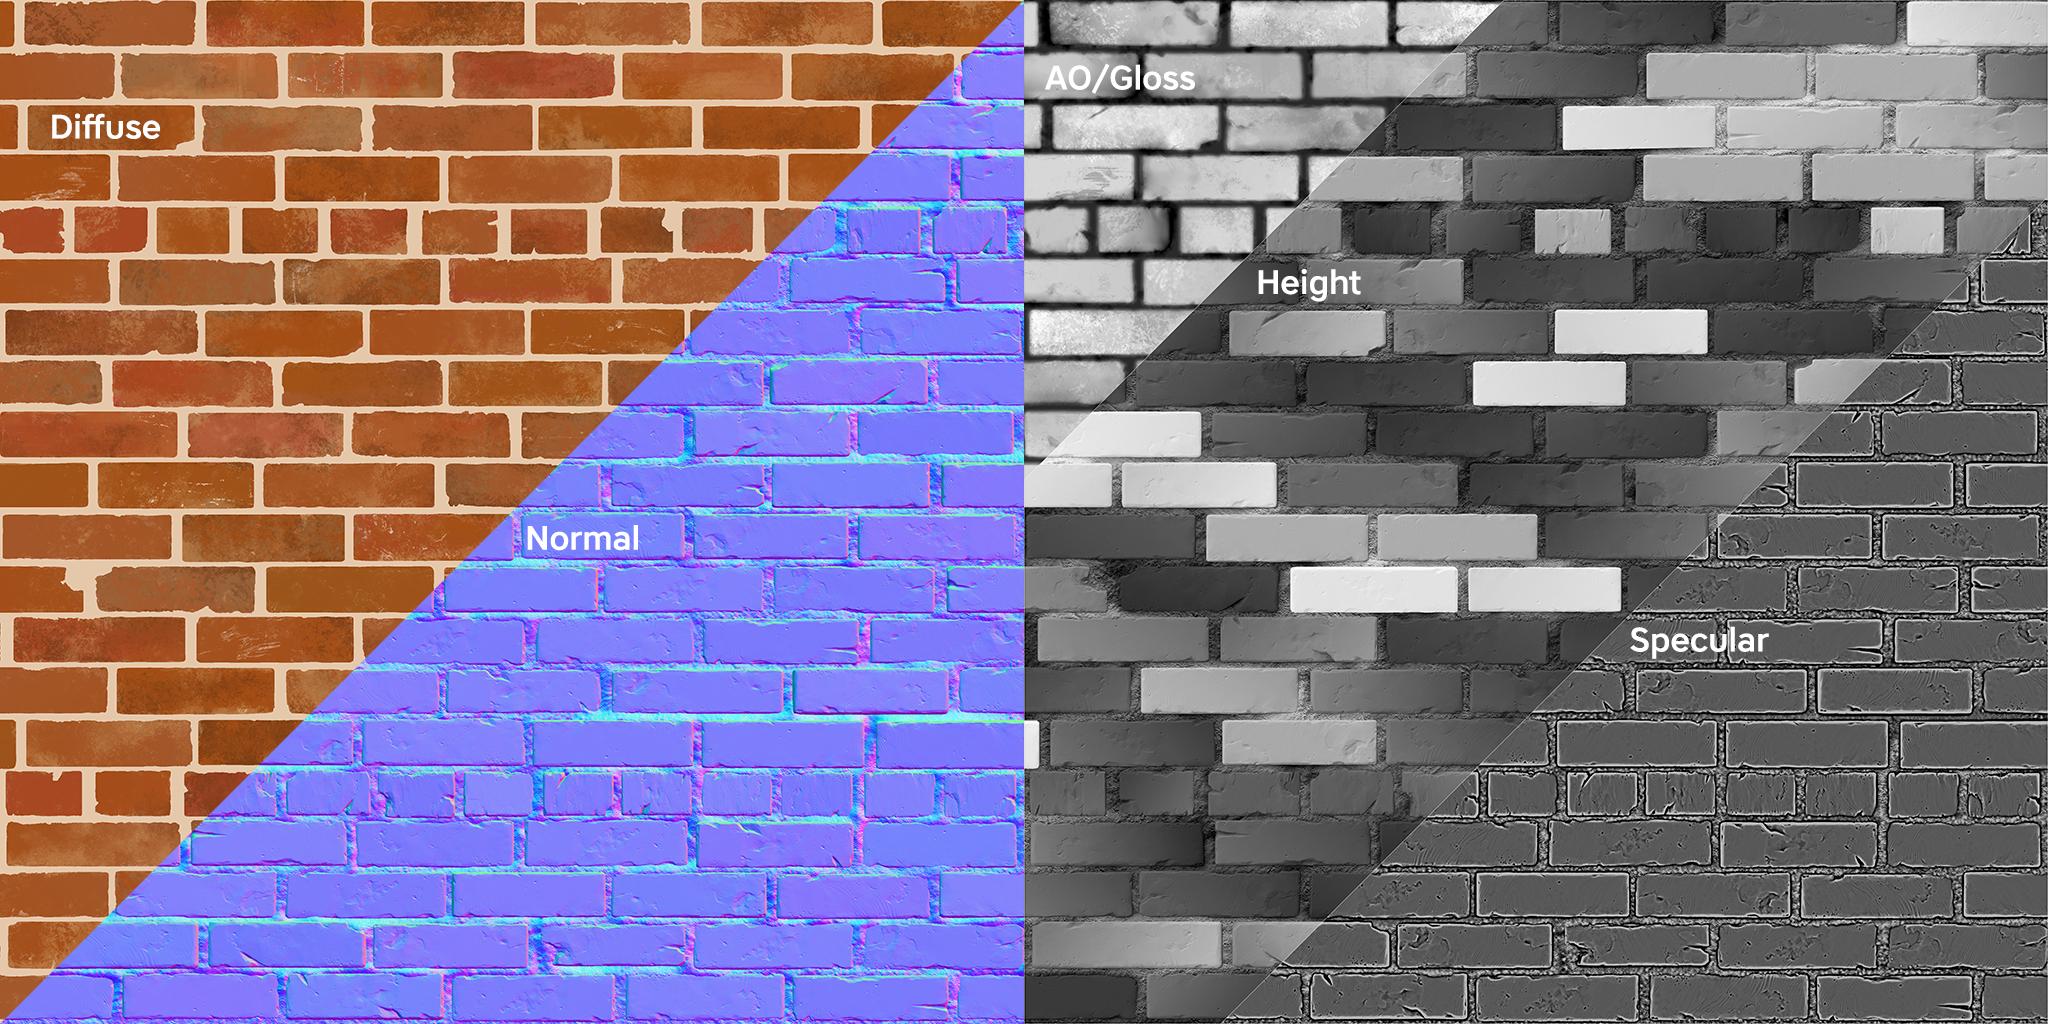 brickwall_maps_2K.png